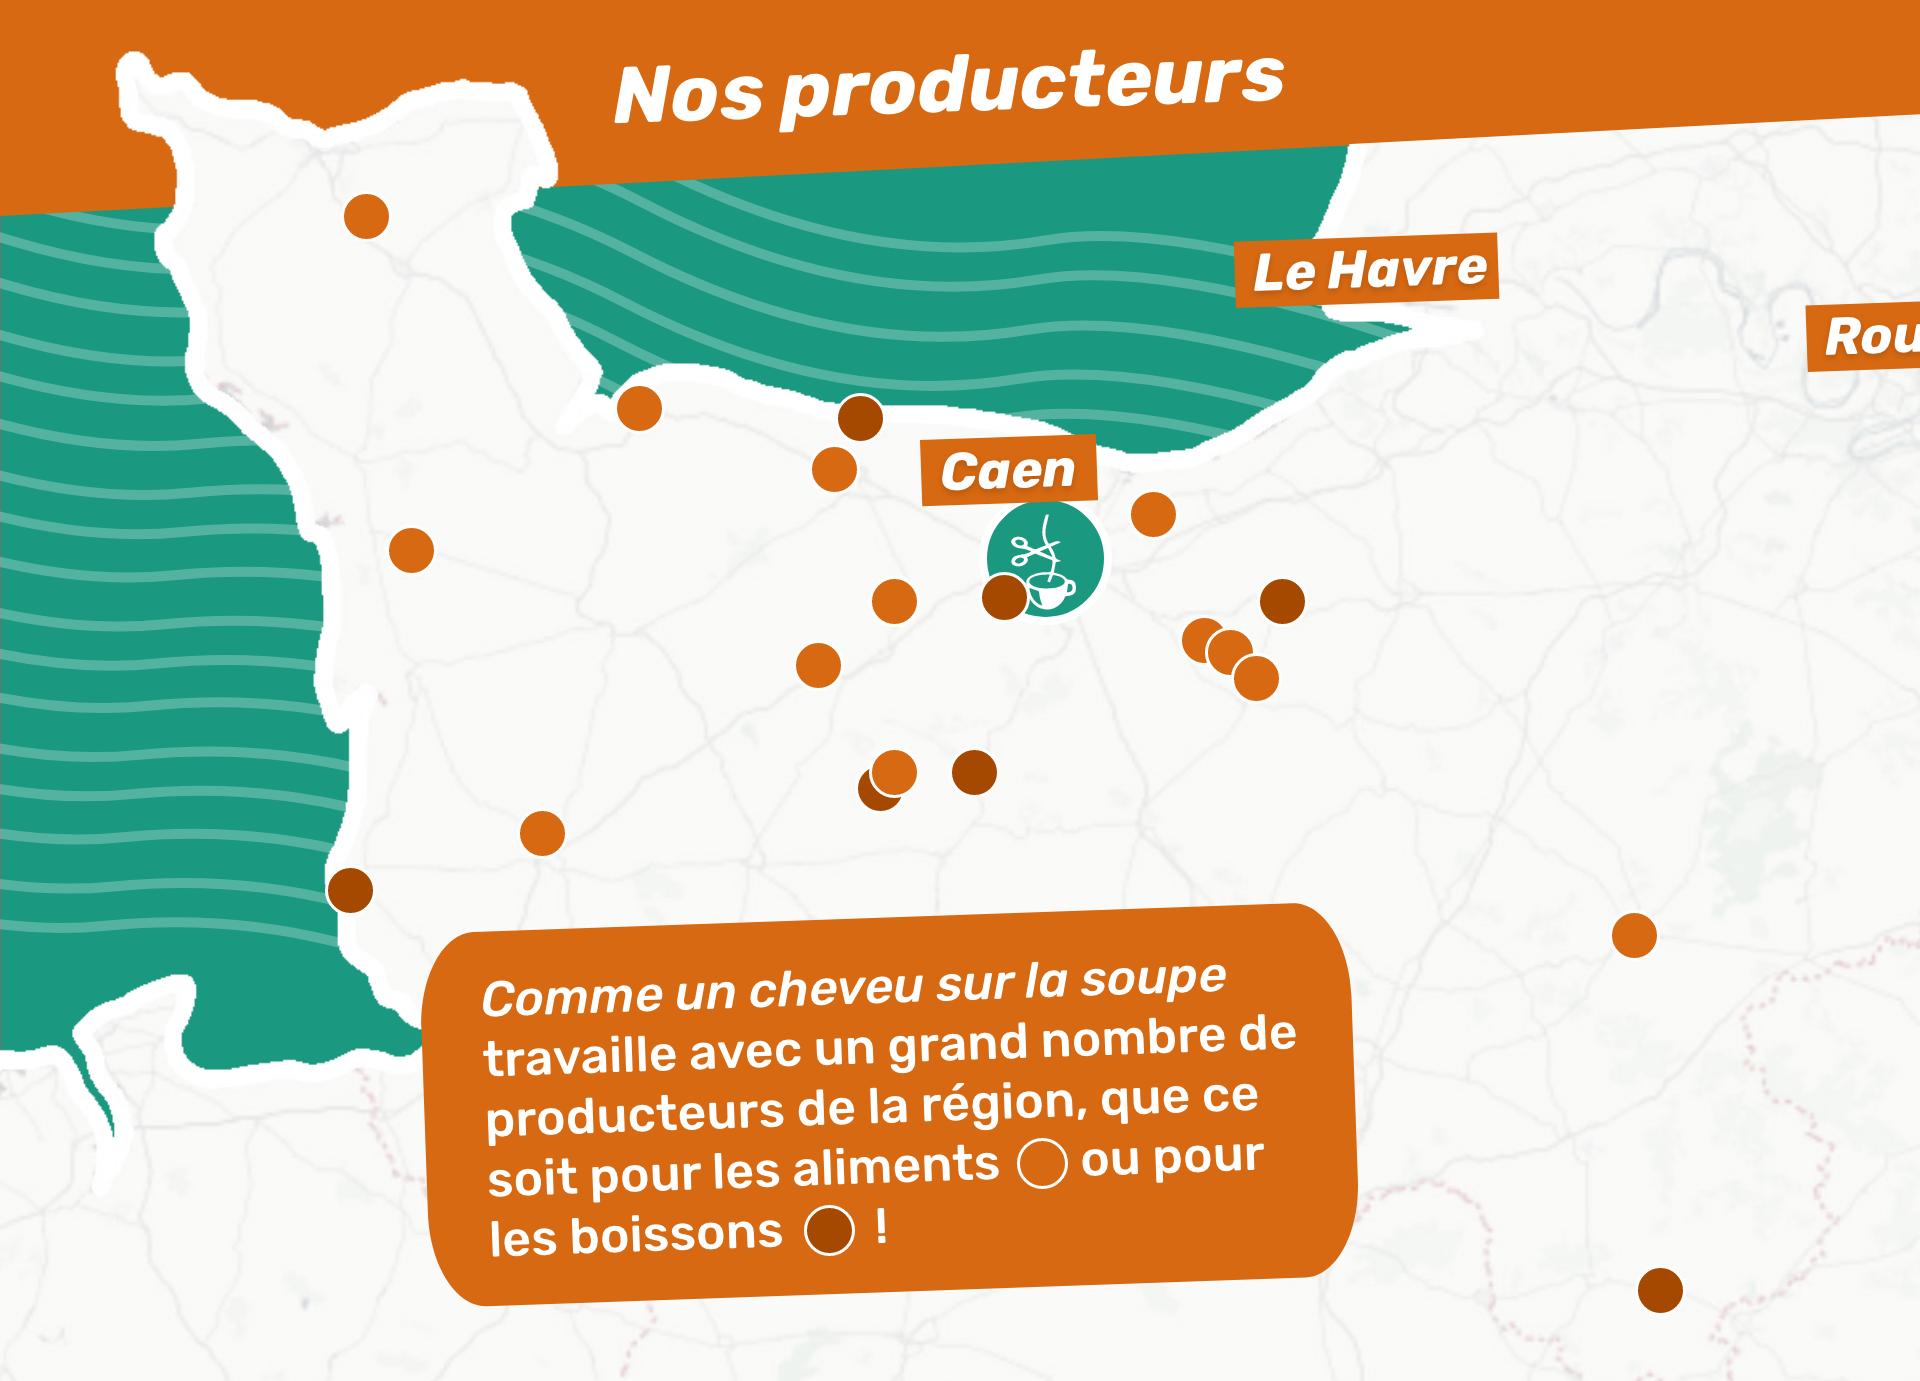 Carte de nos producteurs locaux